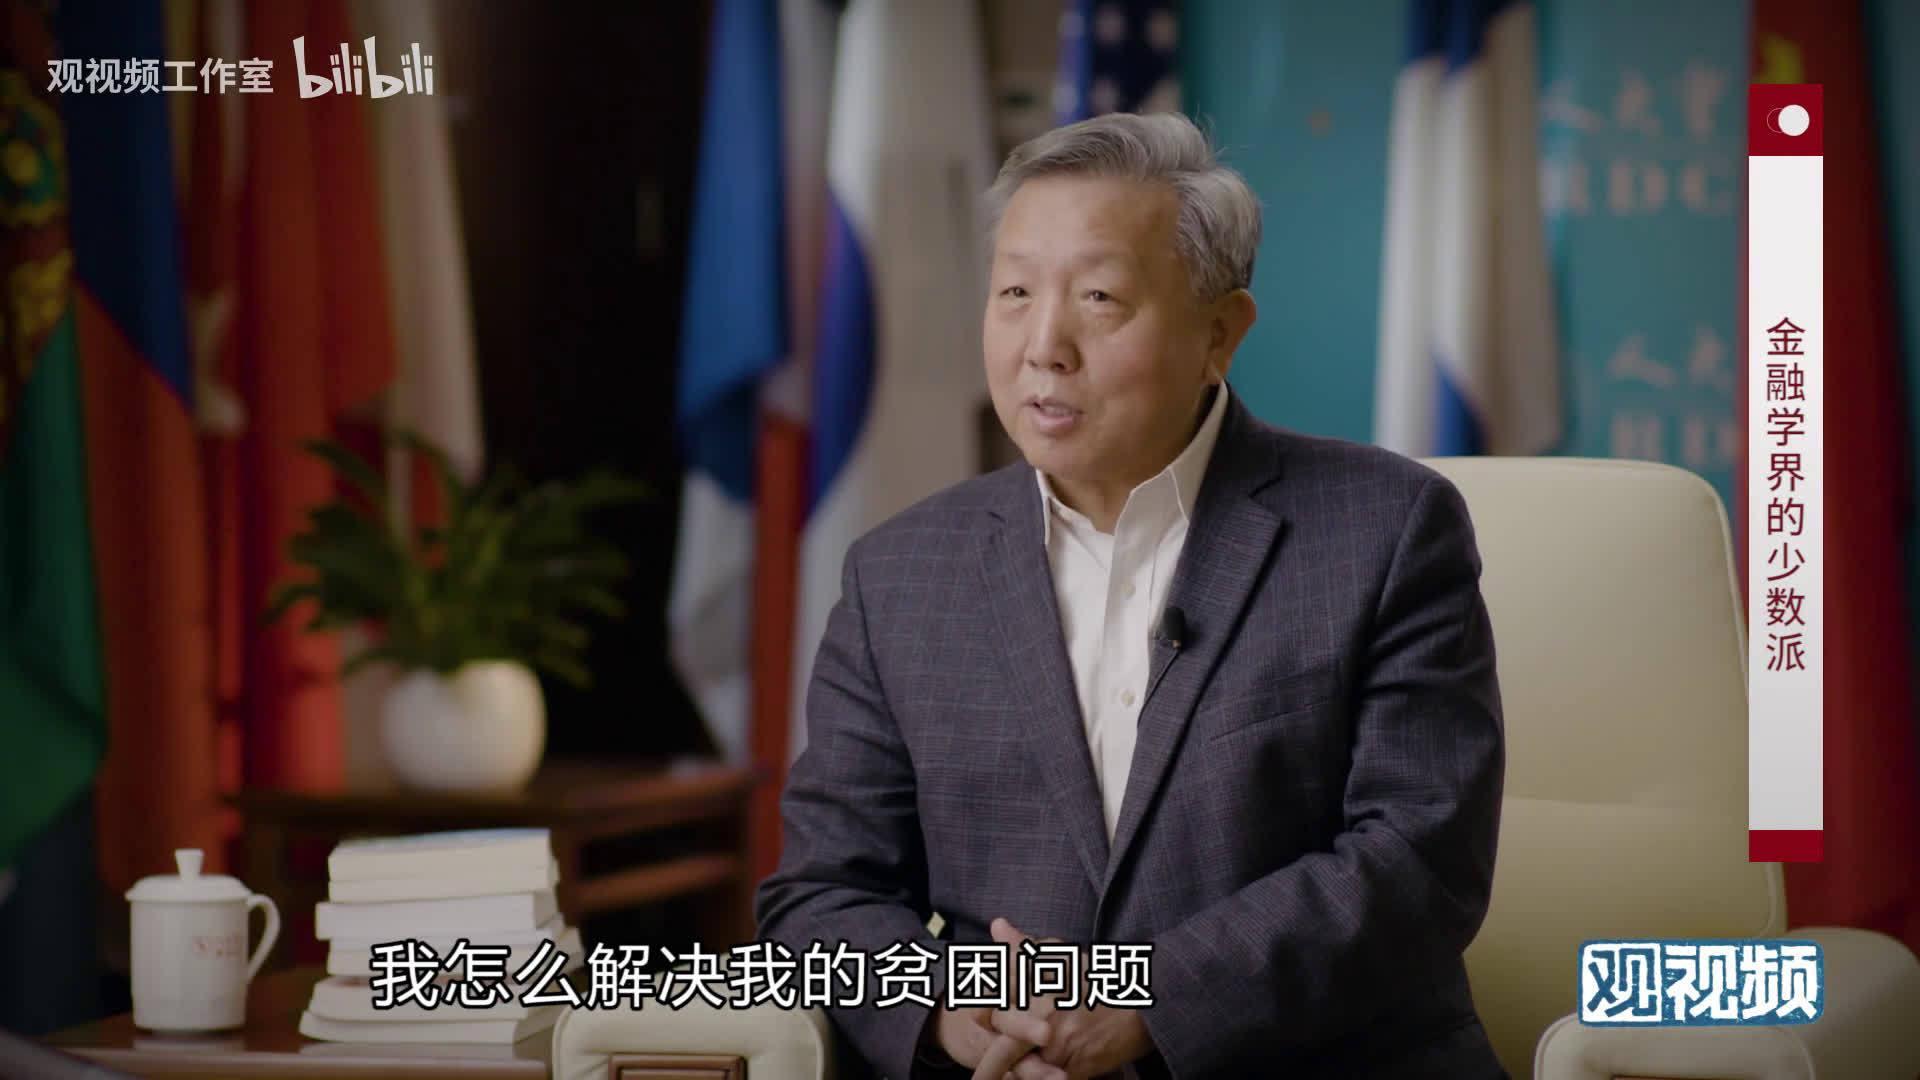 吴晓求:想看懂金融问题,就要和宏观经济学结合起来